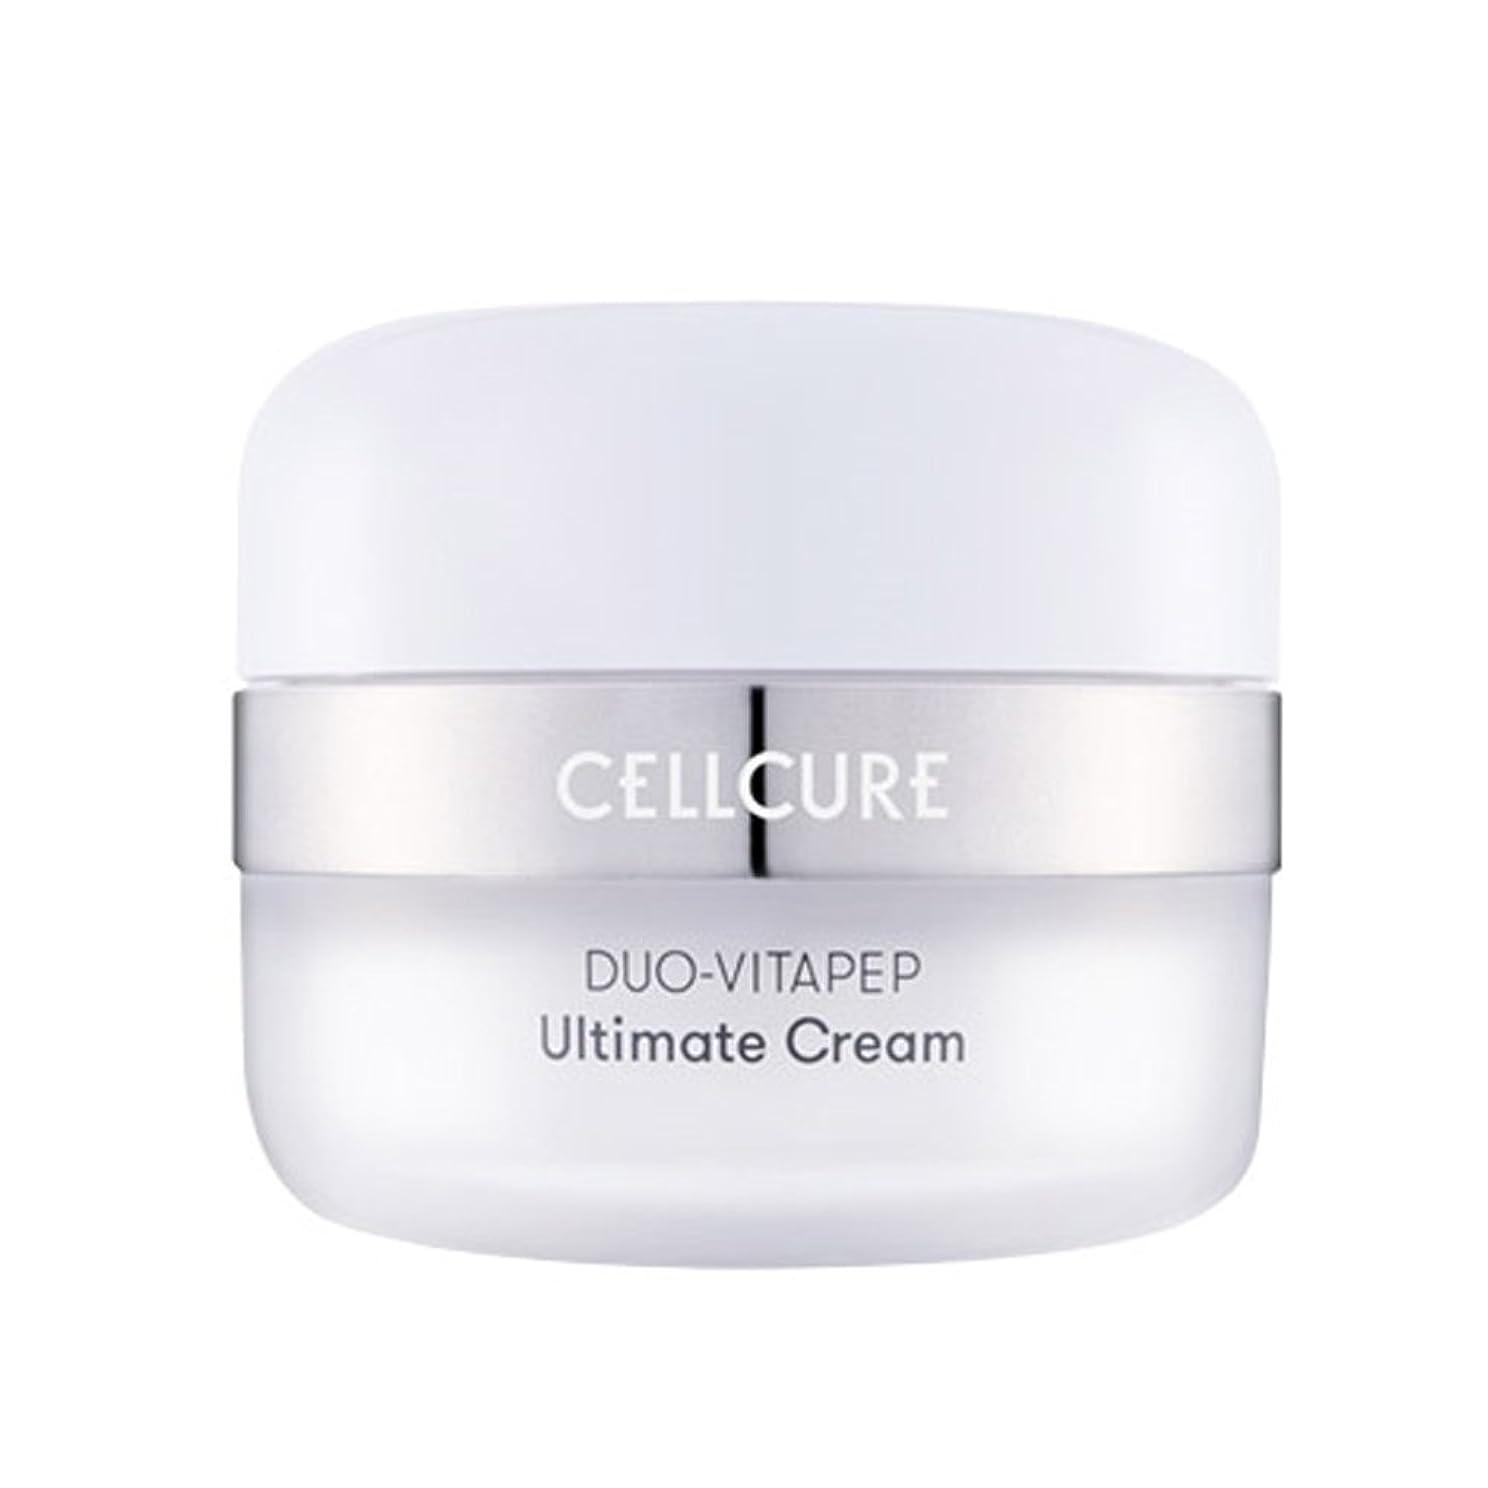 露骨な決めますモデレータCellcure Duo-Vitapep Ultimate Cream セルキュアデュオヴィータペップクリーム (50ml)